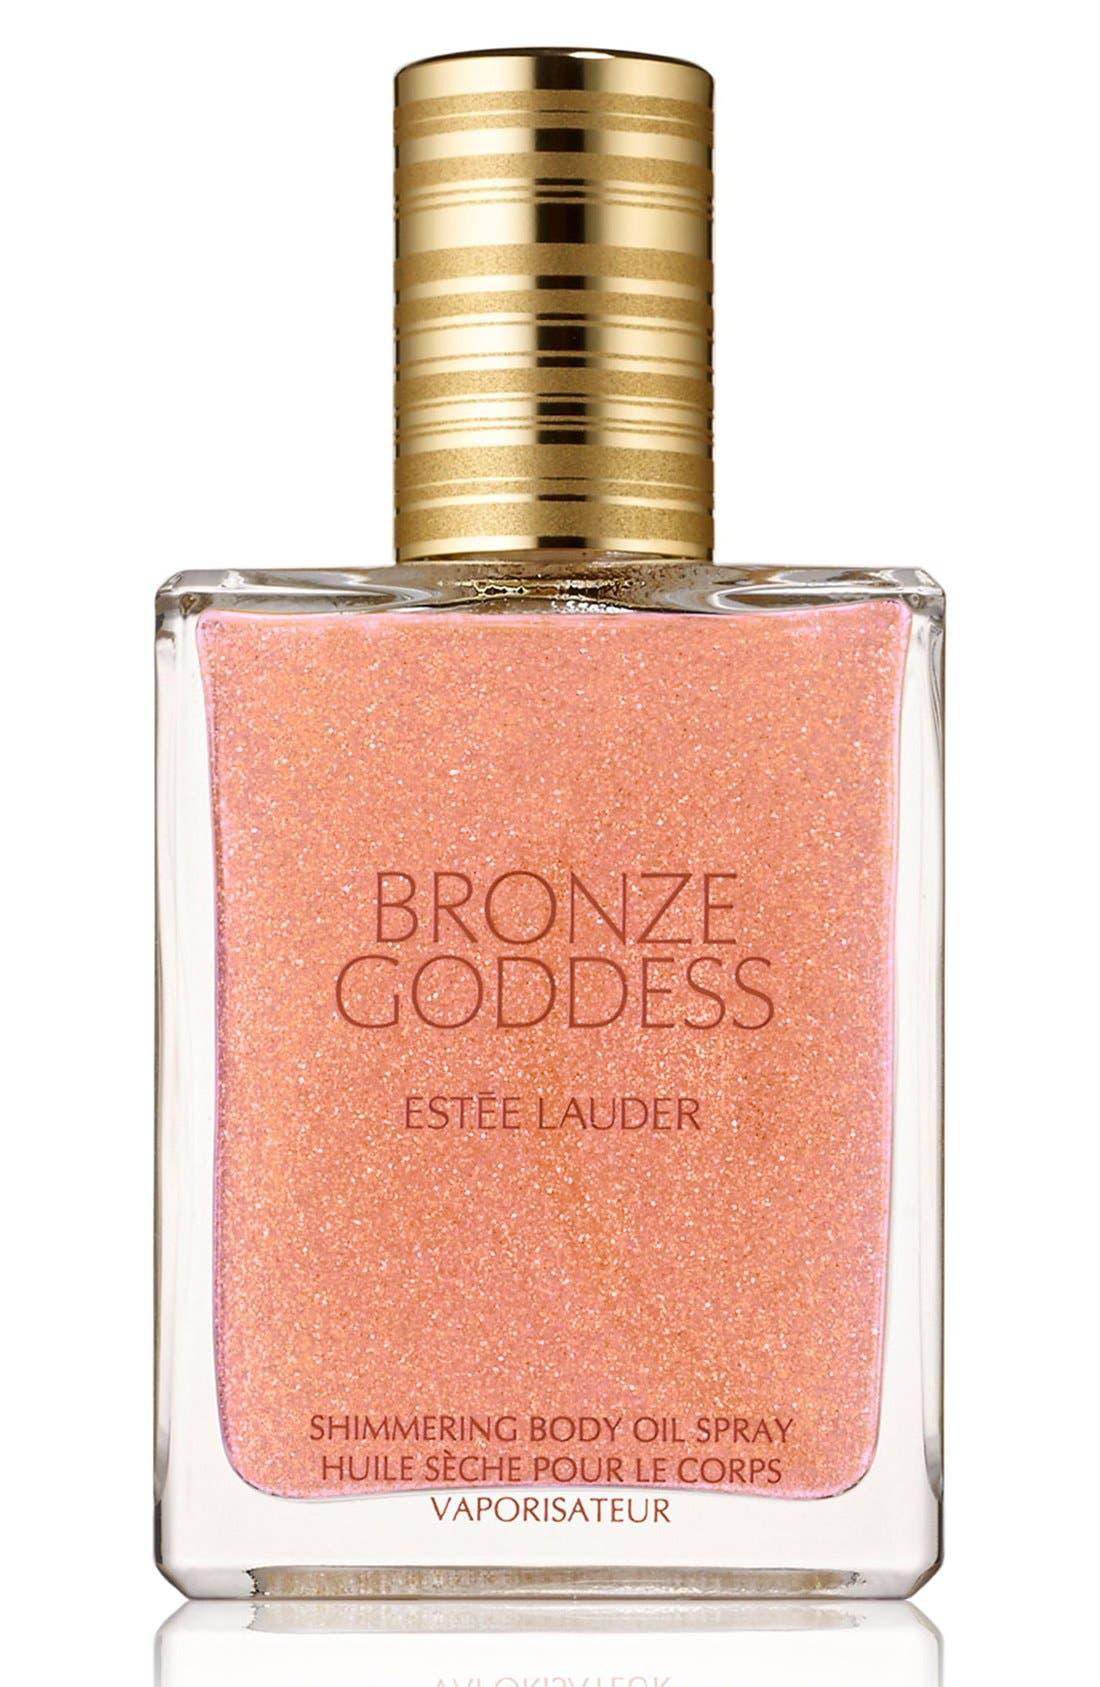 Estée Lauder 'Bronze Goddess' Shimmering Body Oil Spray